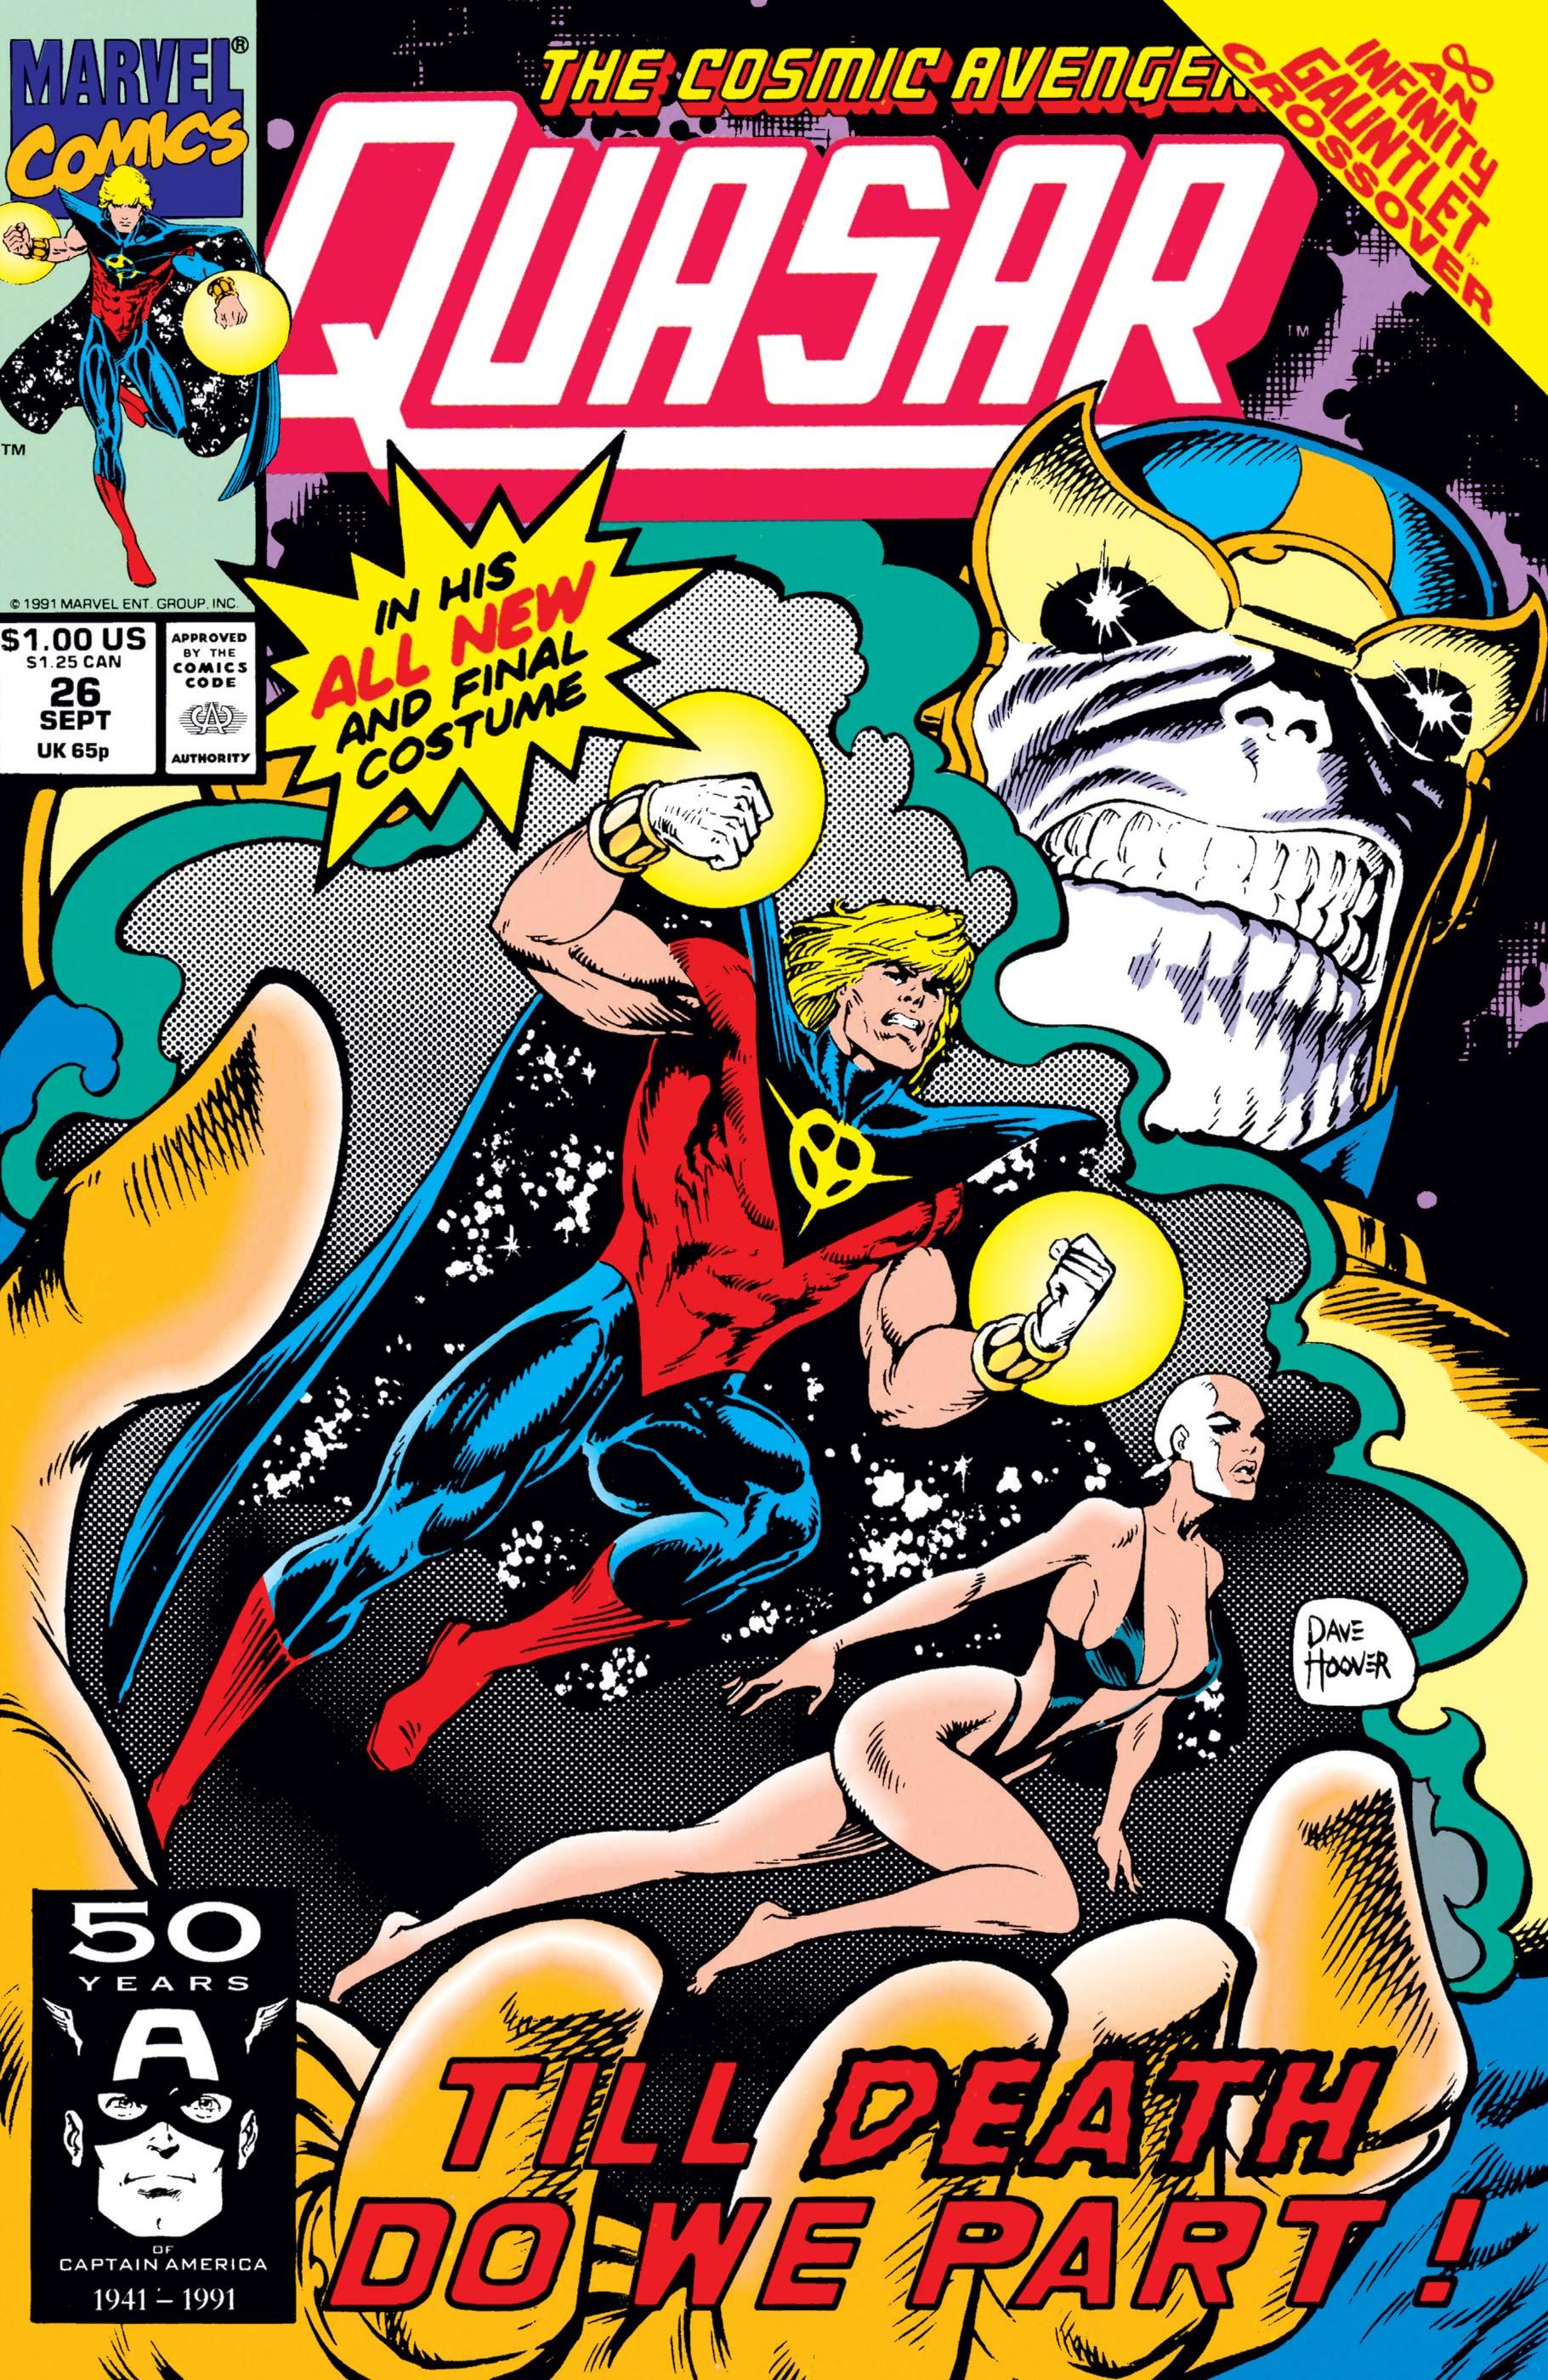 Quasar (1989) #26